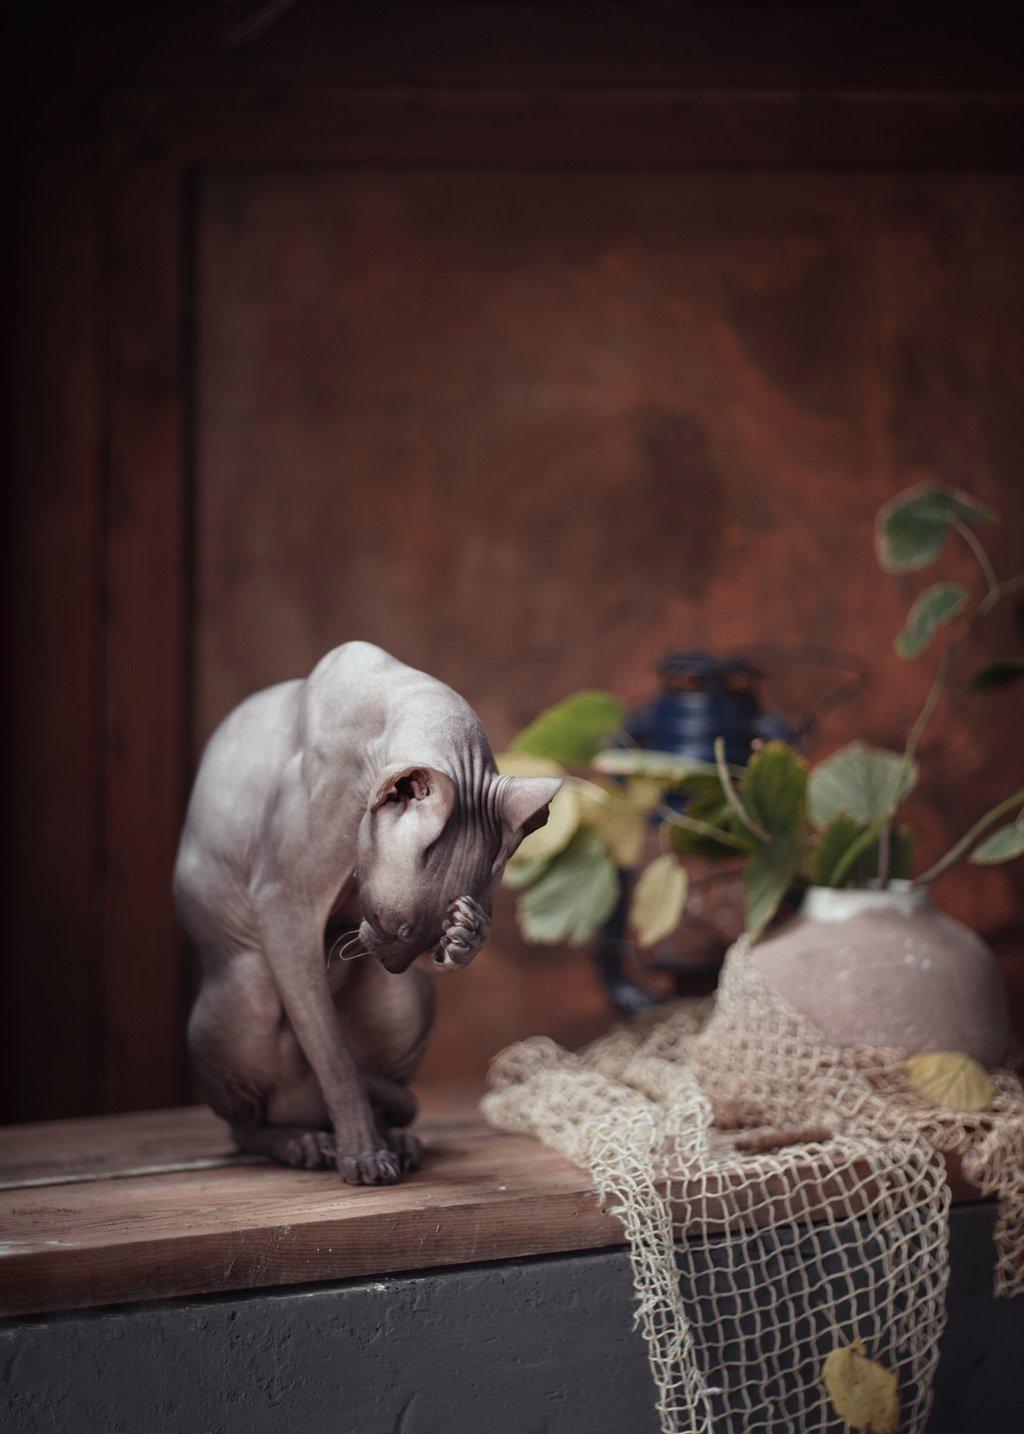 сфинкс кошки домашние животные в натюрморте портрет, Игорь Крюков